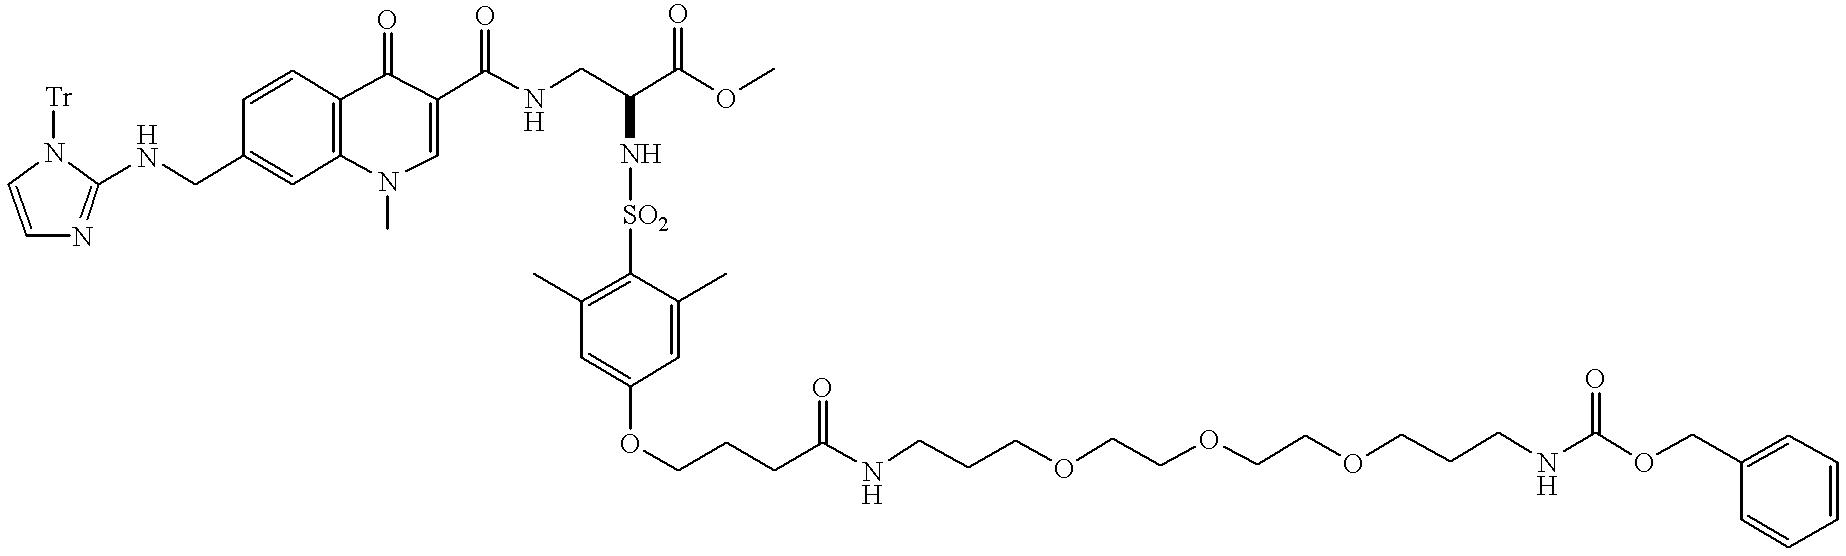 Figure US06683163-20040127-C00055